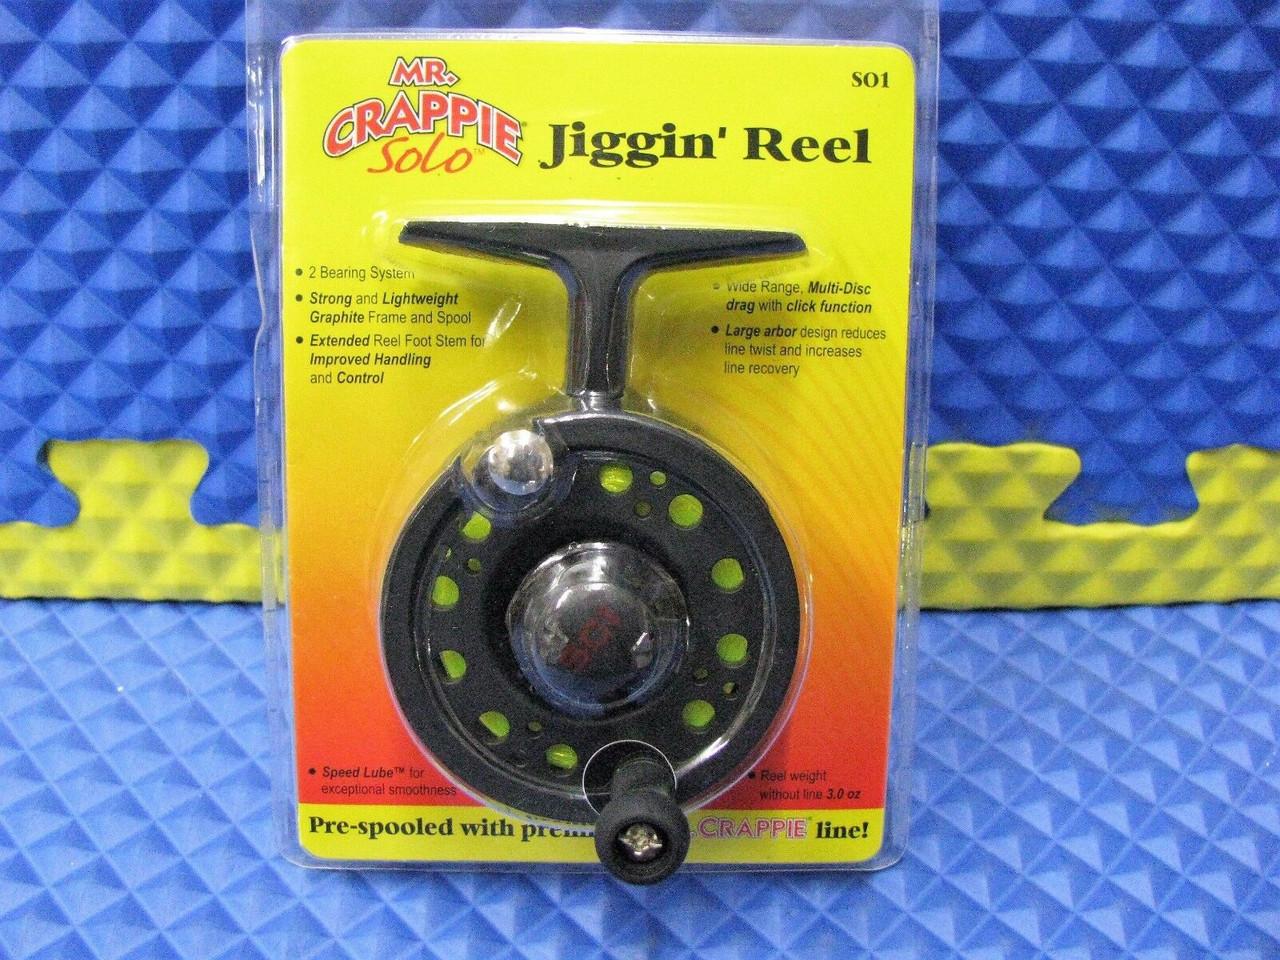 Mr. Crappie Solo Jiggin' Reel Pre-spooled With Premium Hi-Vis Yellow Line SO1